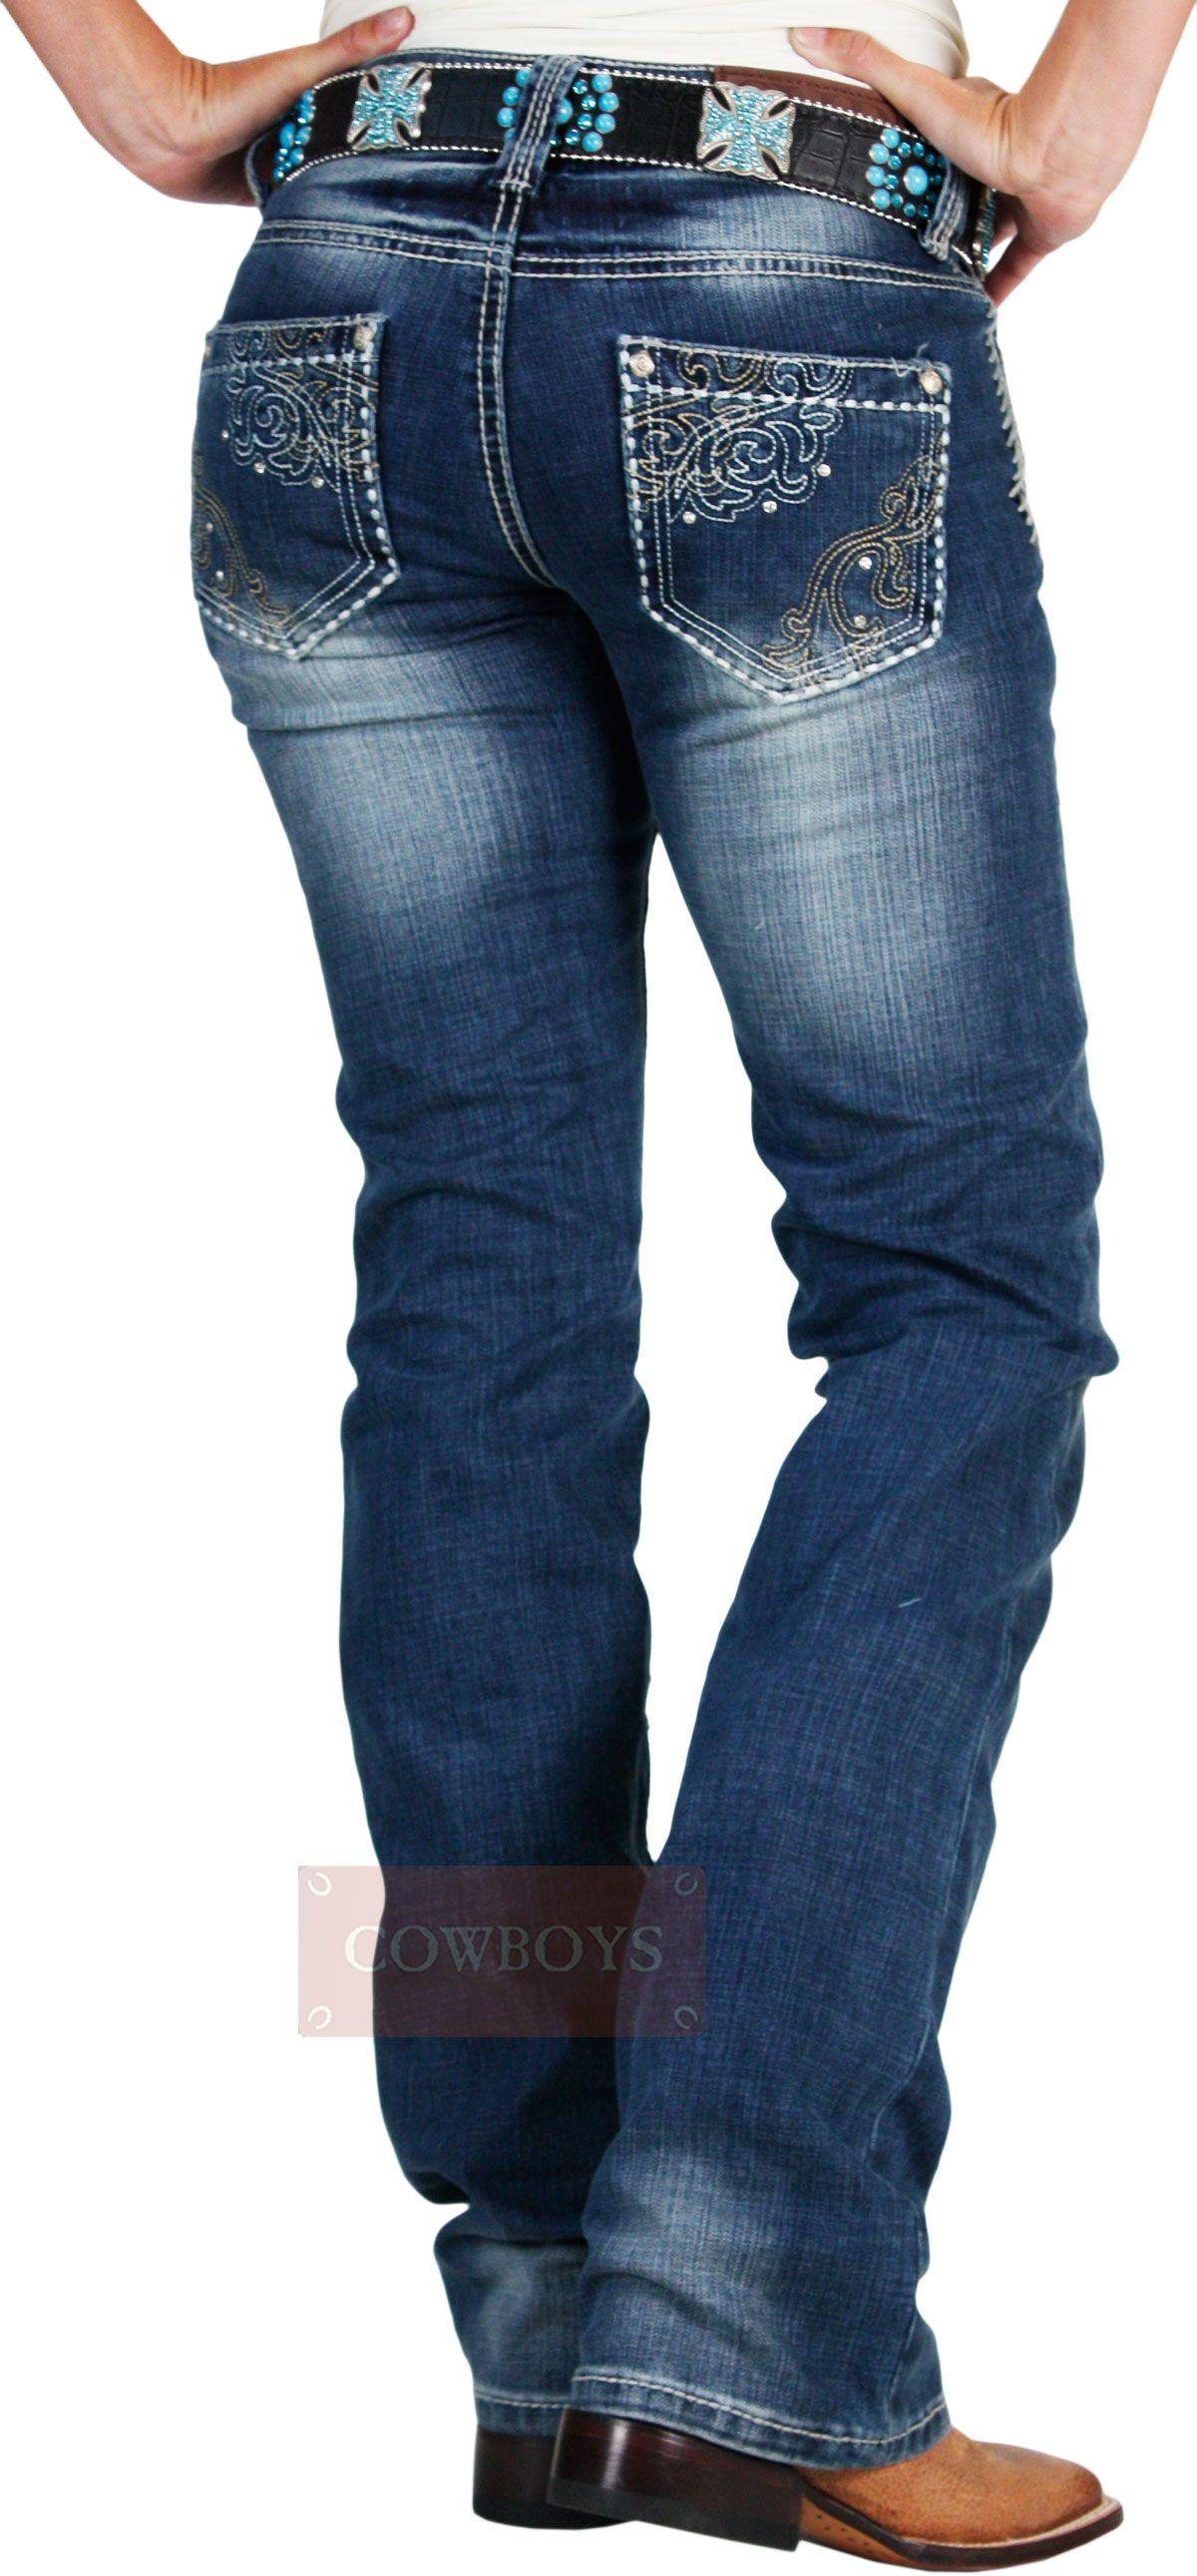 Calça Cowgirl Up Feminina Importada Bolso Bordado com Strass Azul Stonada  Calça jeans feminina da marca 7d2f5424dbd